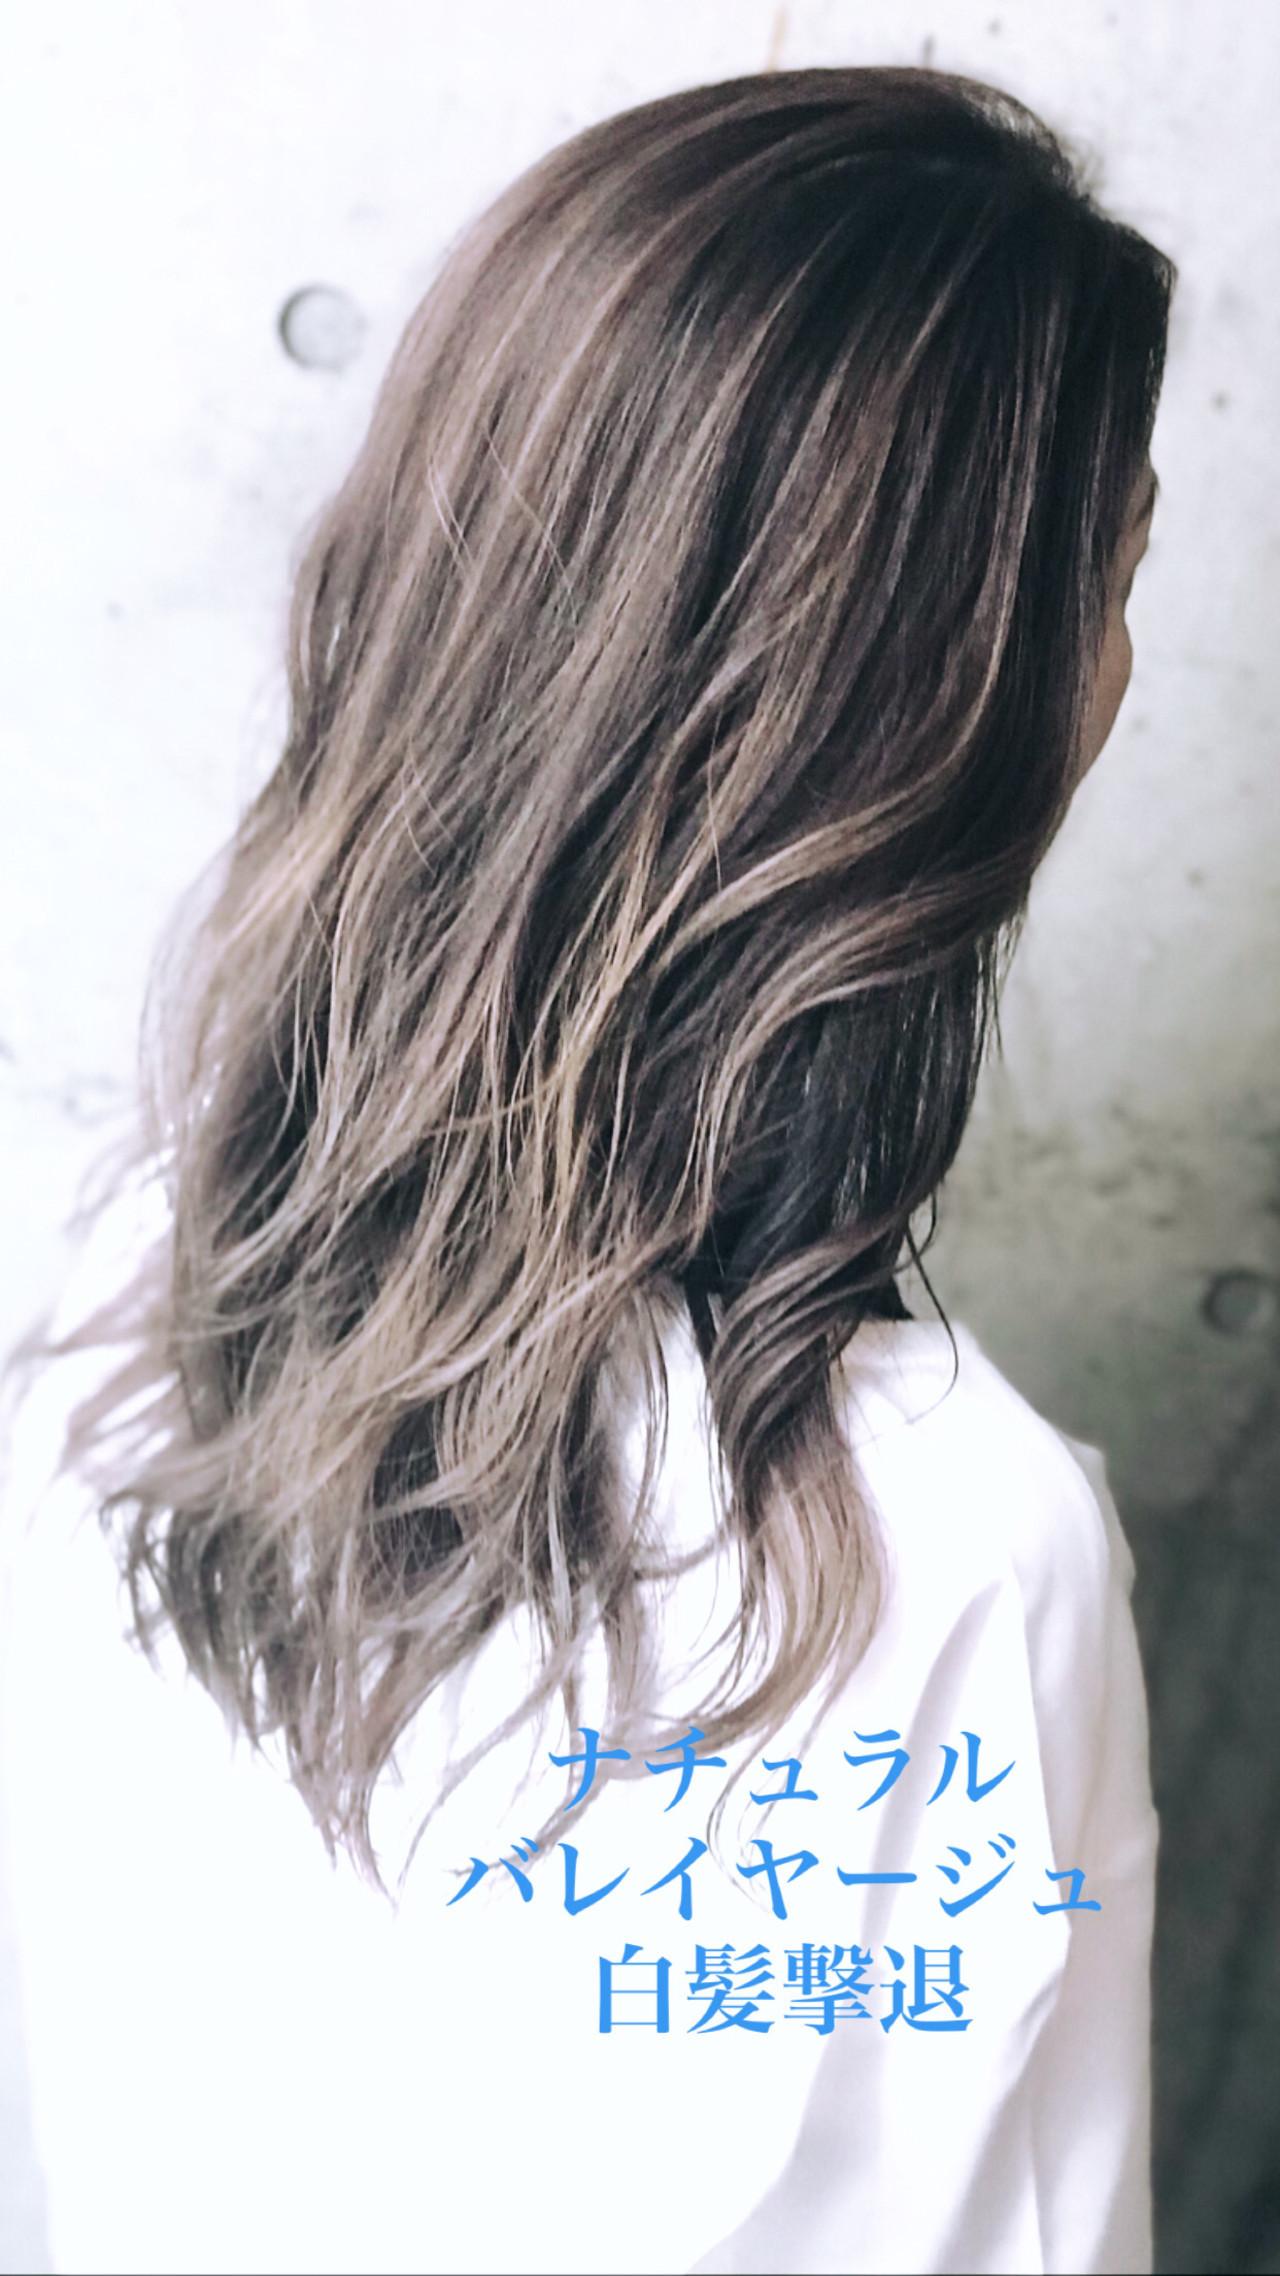 バレイヤージュ ウルフカット ブリーチ ナチュラル ヘアスタイルや髪型の写真・画像